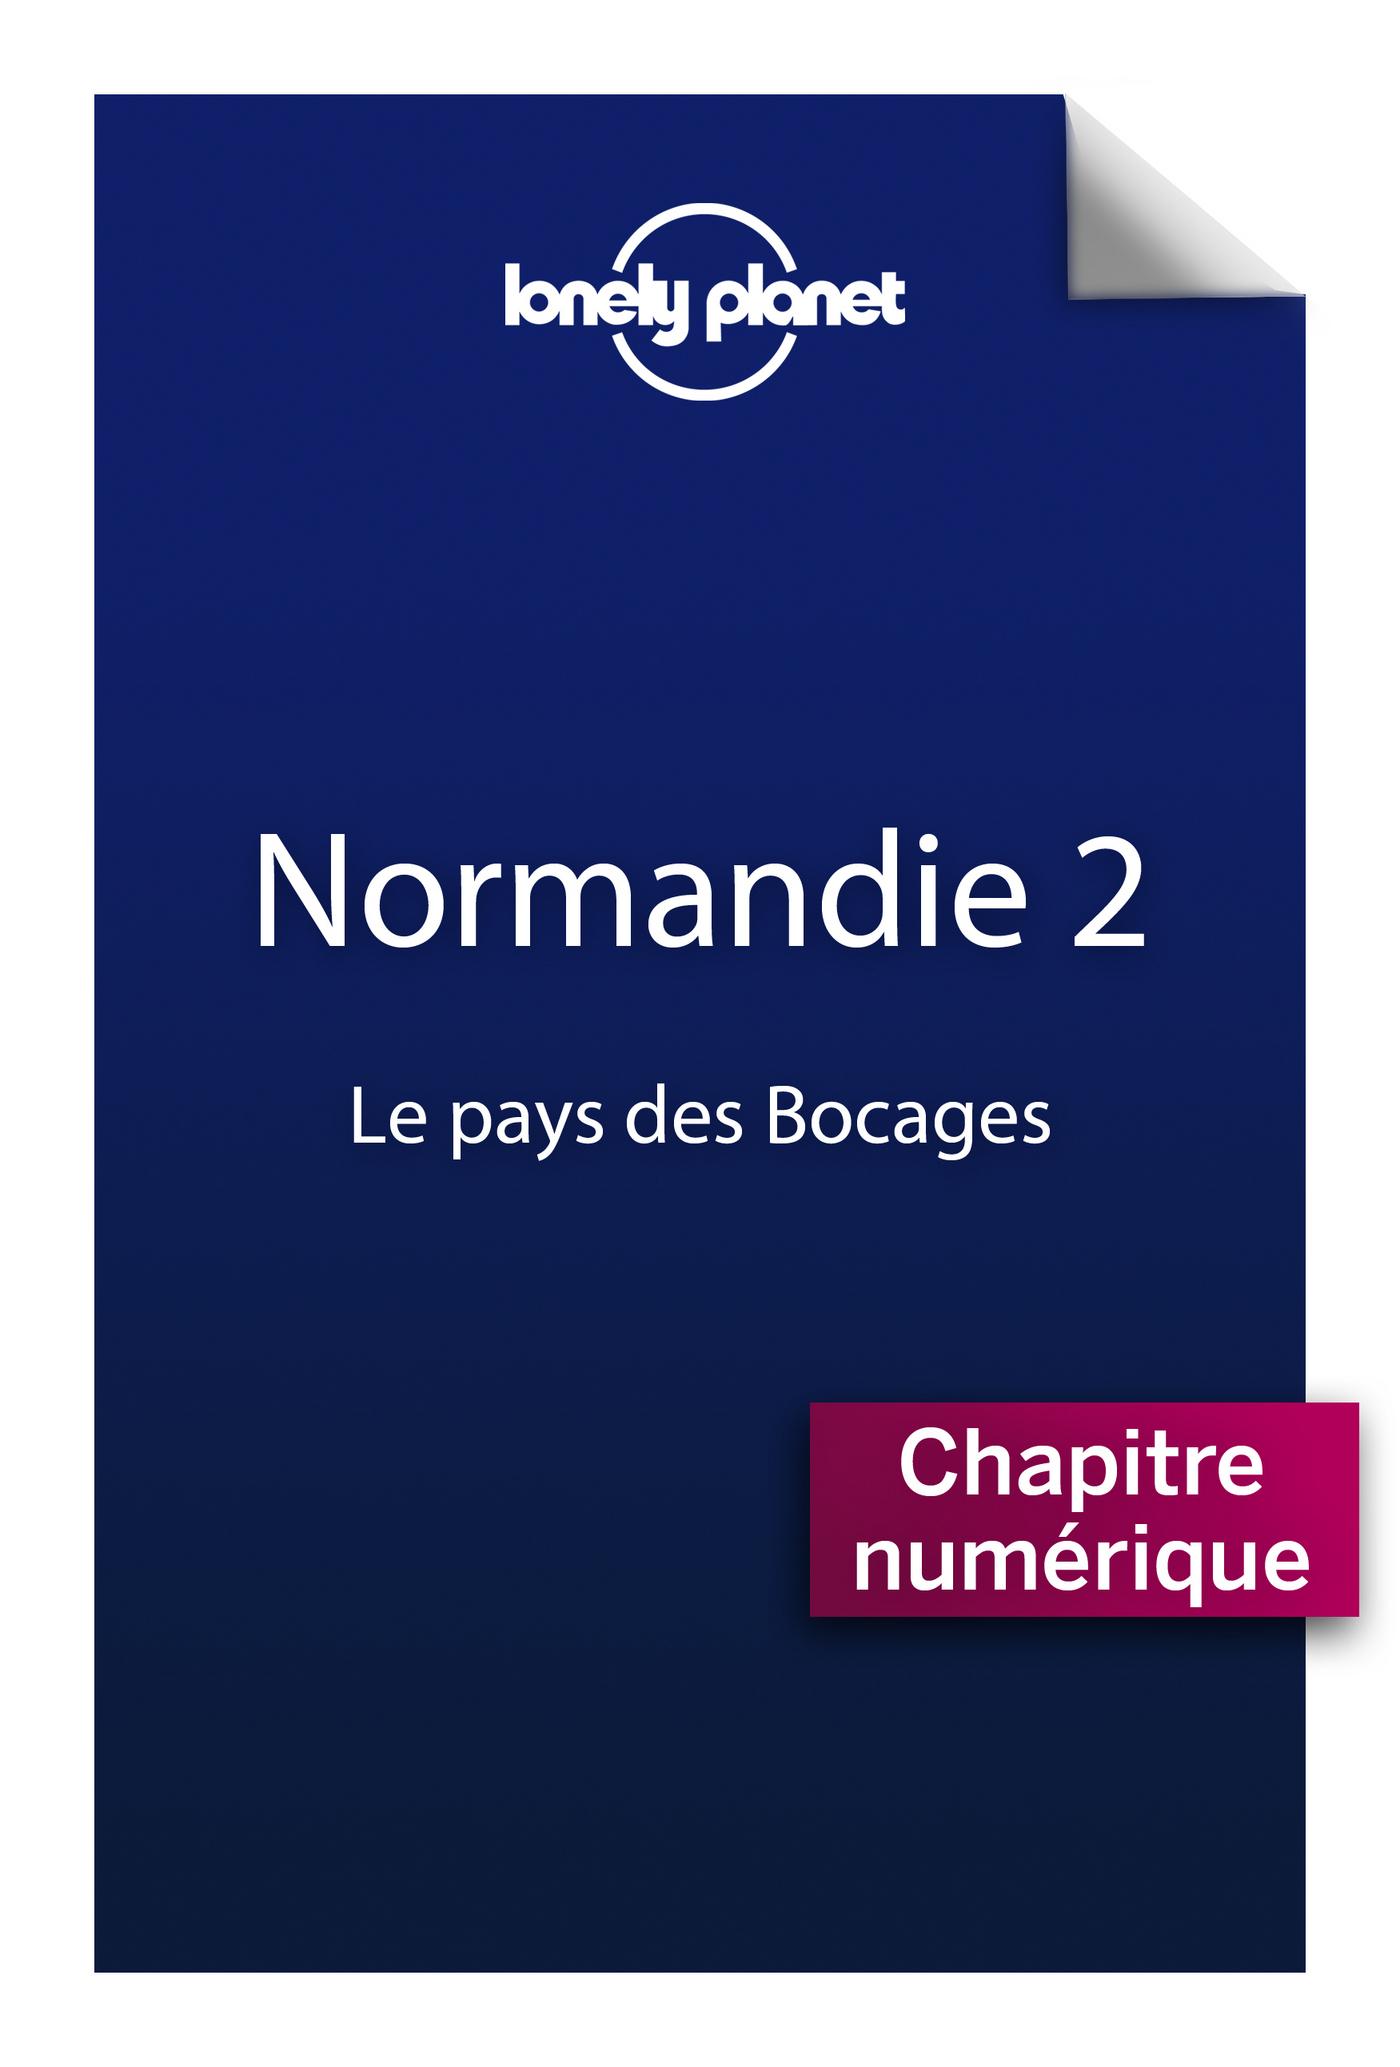 Normandie 2 - Le pays des Bocages